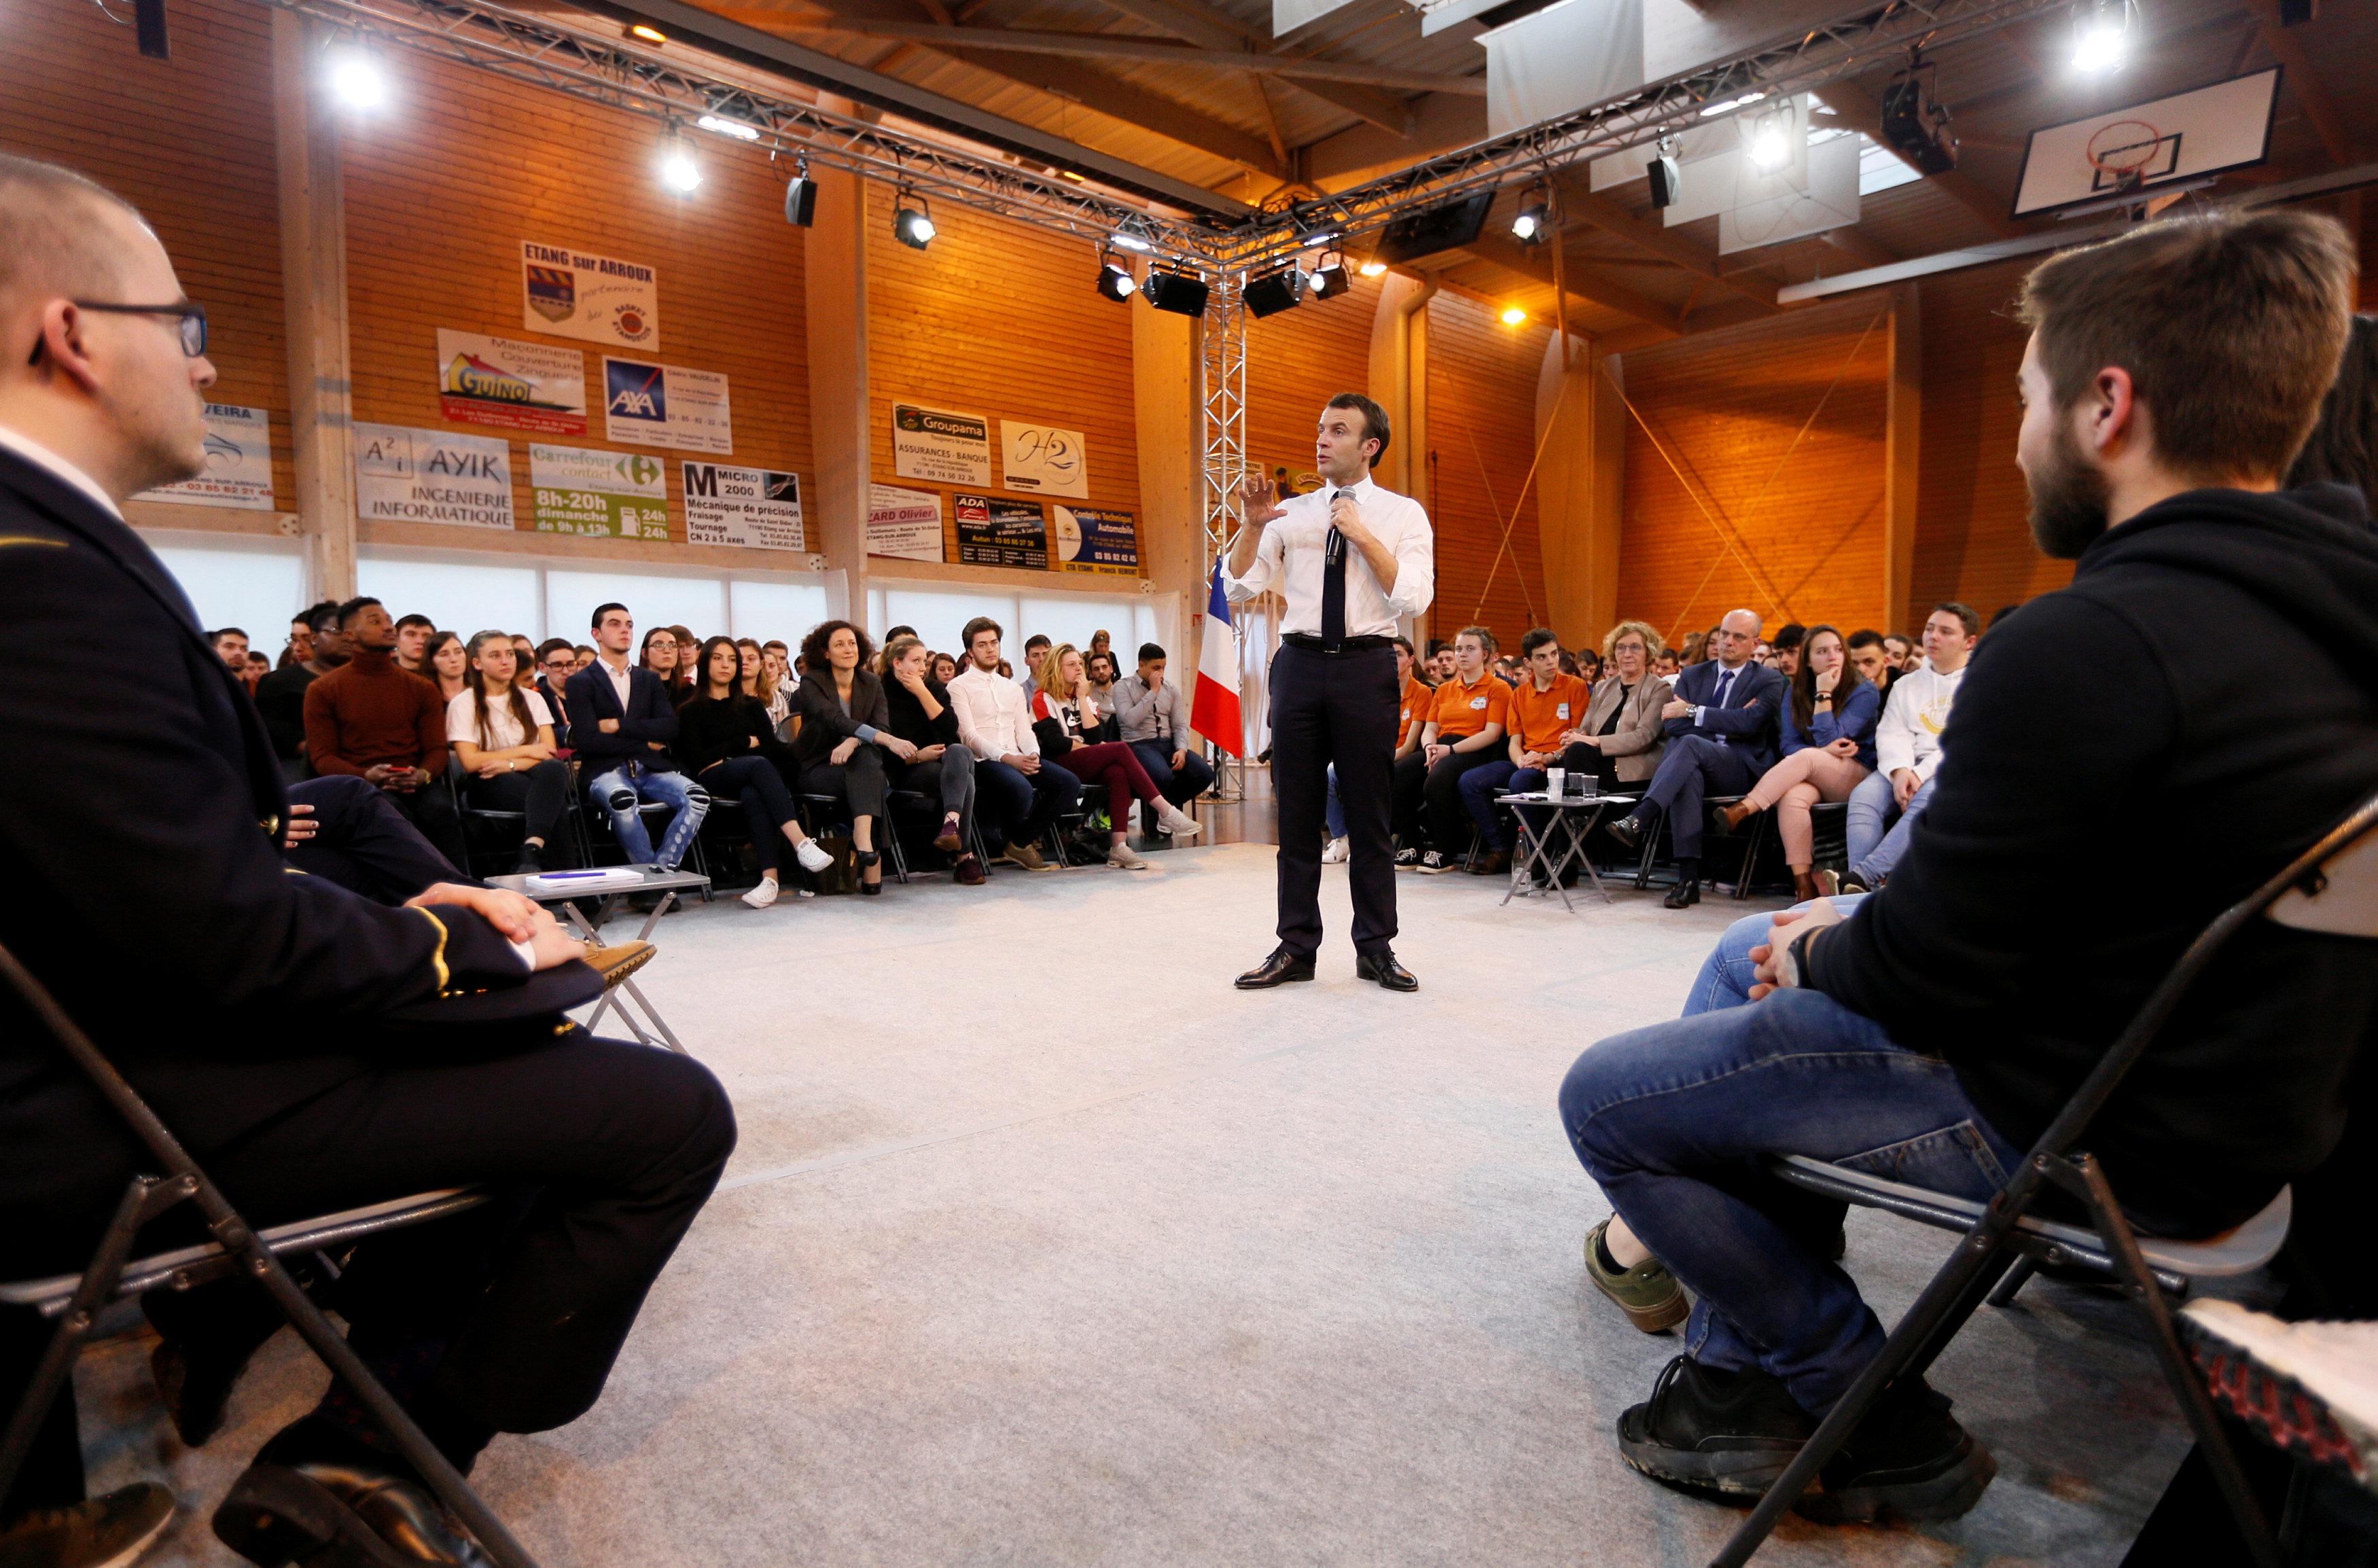 الرئيس الفرنسى يتوسط الساحة متحدثا للشباب